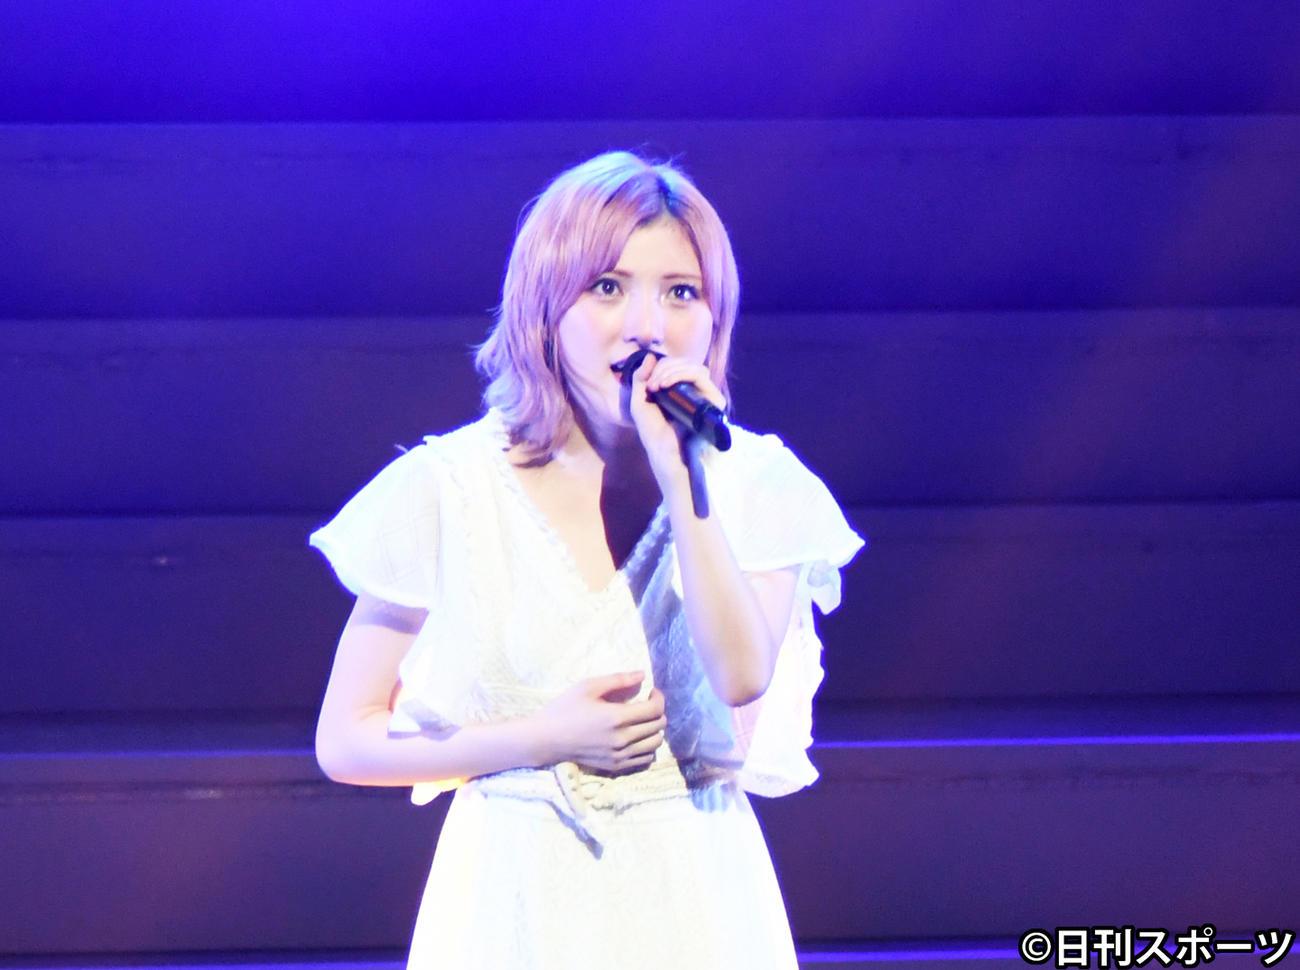 舞台「AKB48 THE AUDISHOW」で「月と水鏡」をソロで歌唱するAKB48岡田奈々(撮影・大友陽平)